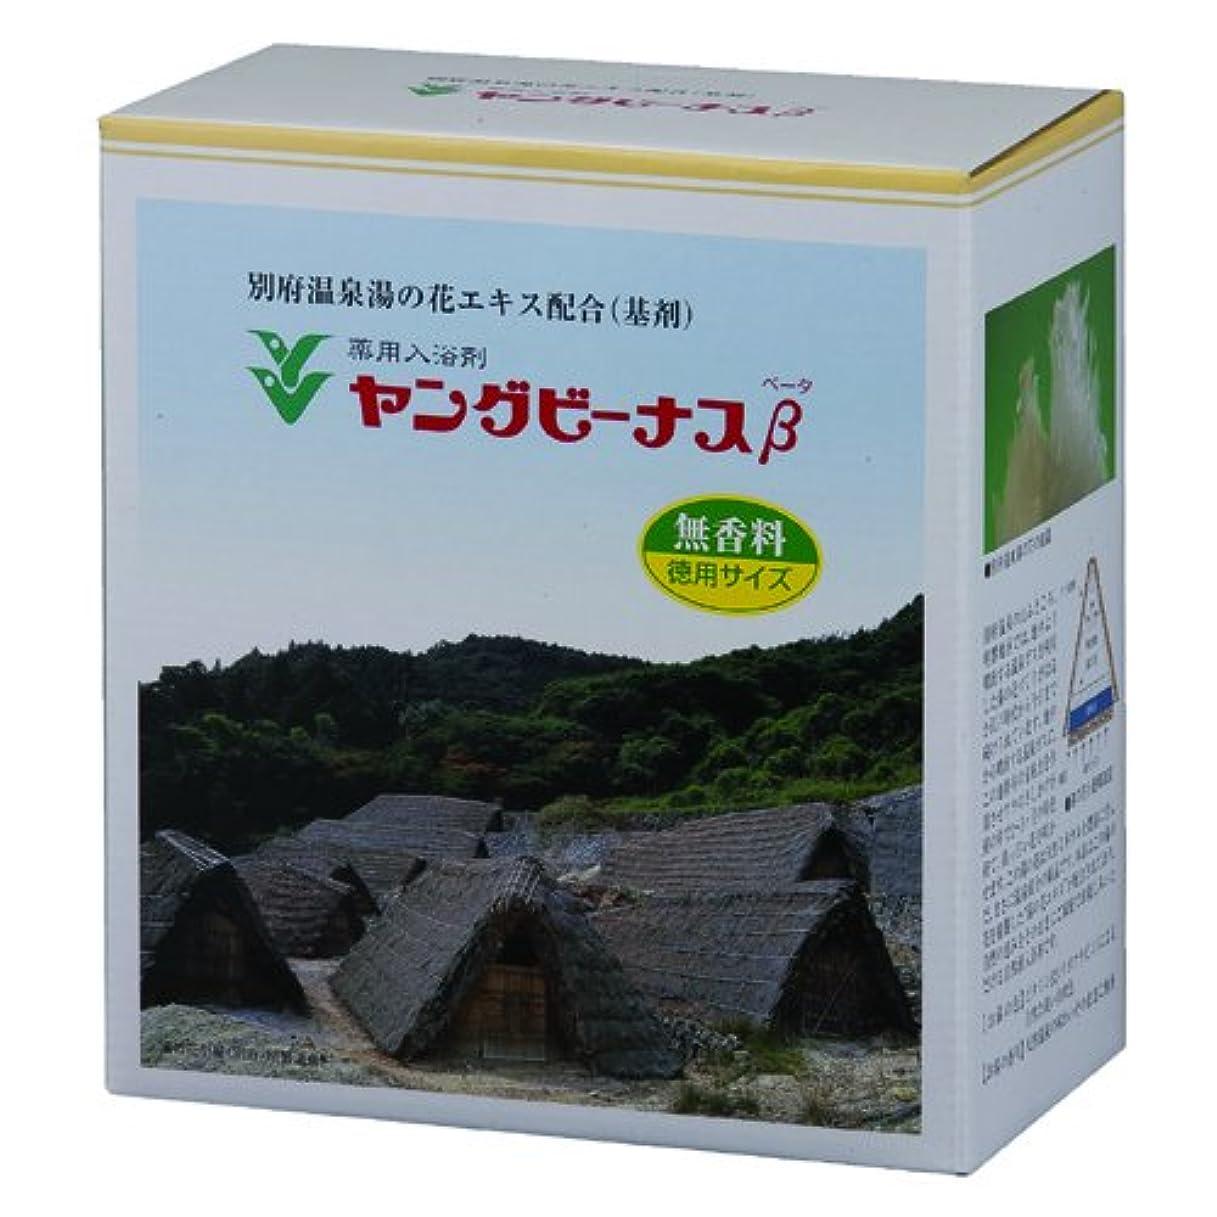 セールスマンバリケード定期的薬用入浴剤 ヤングビーナスβ 徳用サイズCX-30β